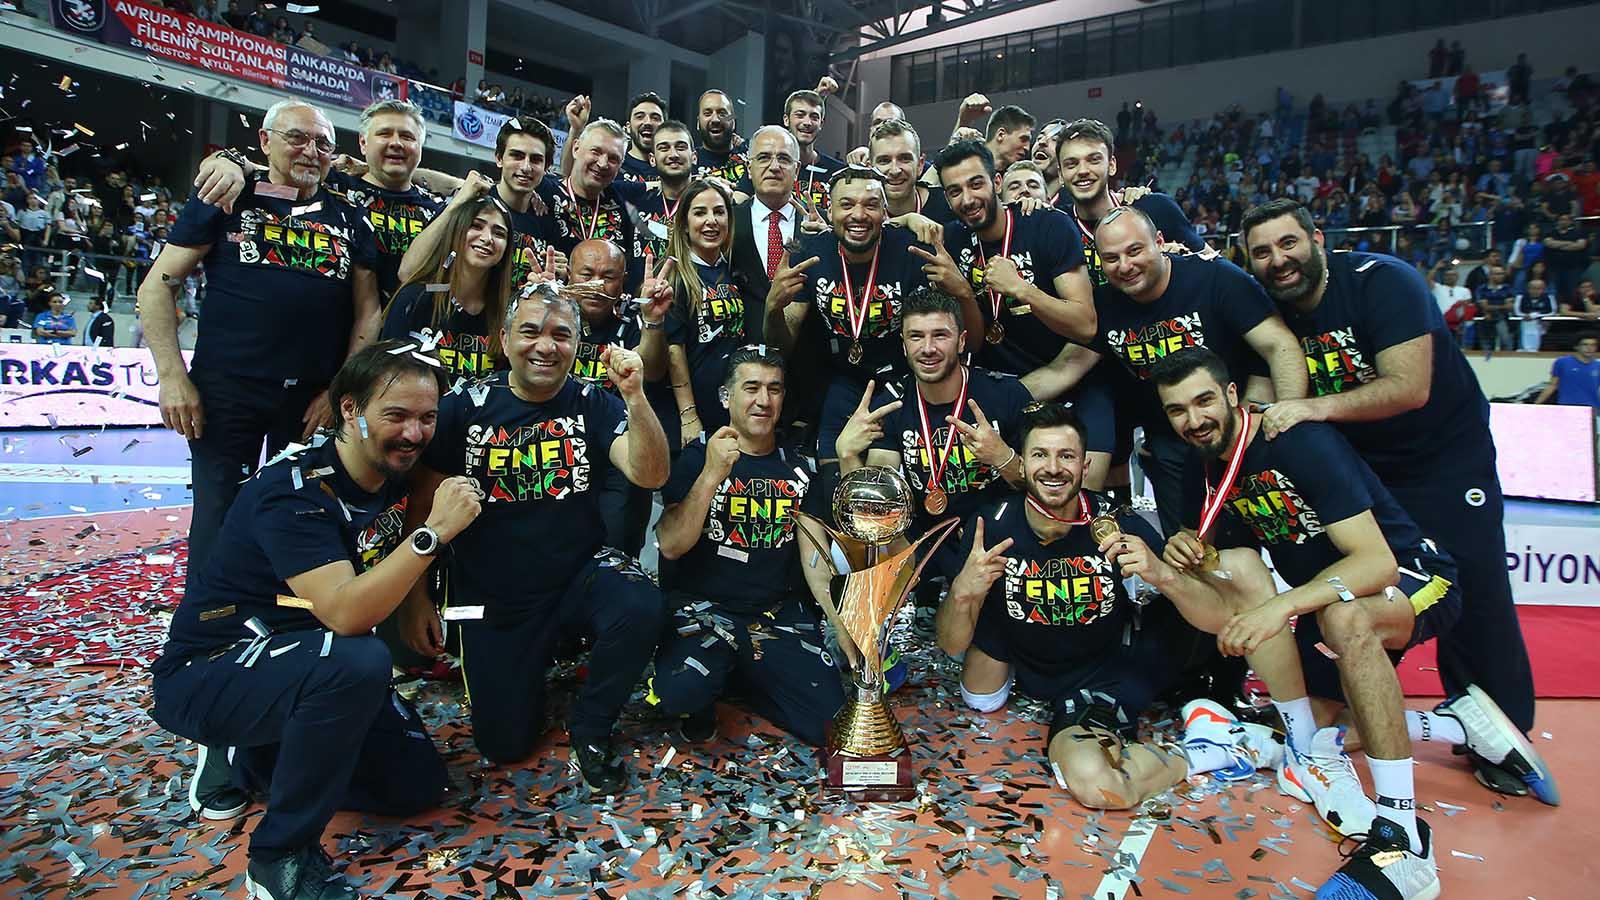 Efeler Ligi Şampiyonu Fenerbahçe!